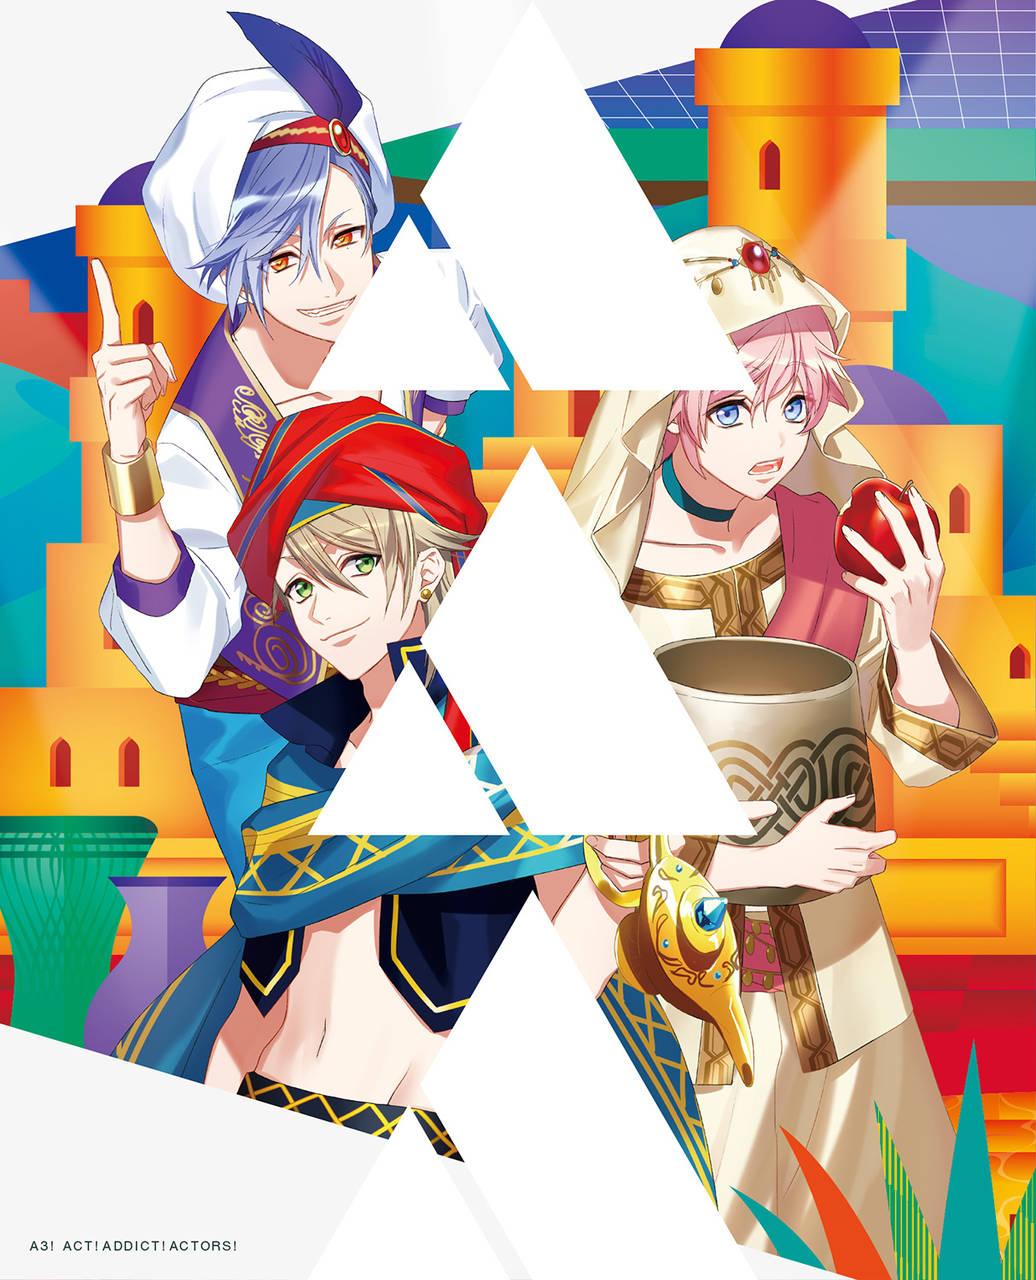 TVアニメ『A3!』Blu-ray&DVD第4巻のジャケット画像公開!ドラマCDの試聴も開始3